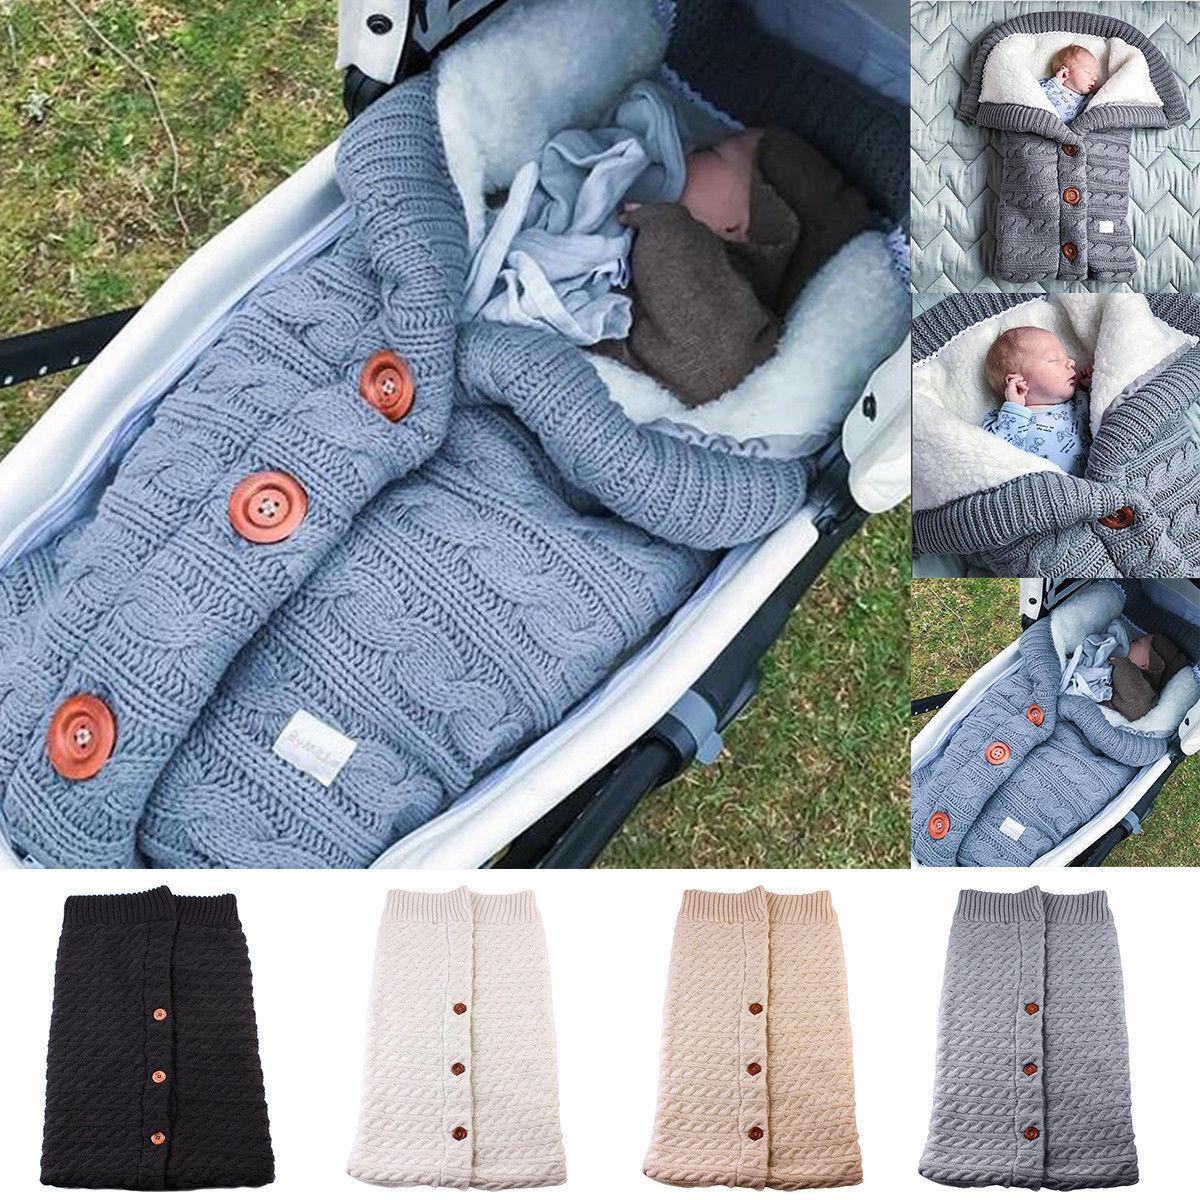 Aliexpress.com : Buy Brand New Newborn Baby Infant Knit ...